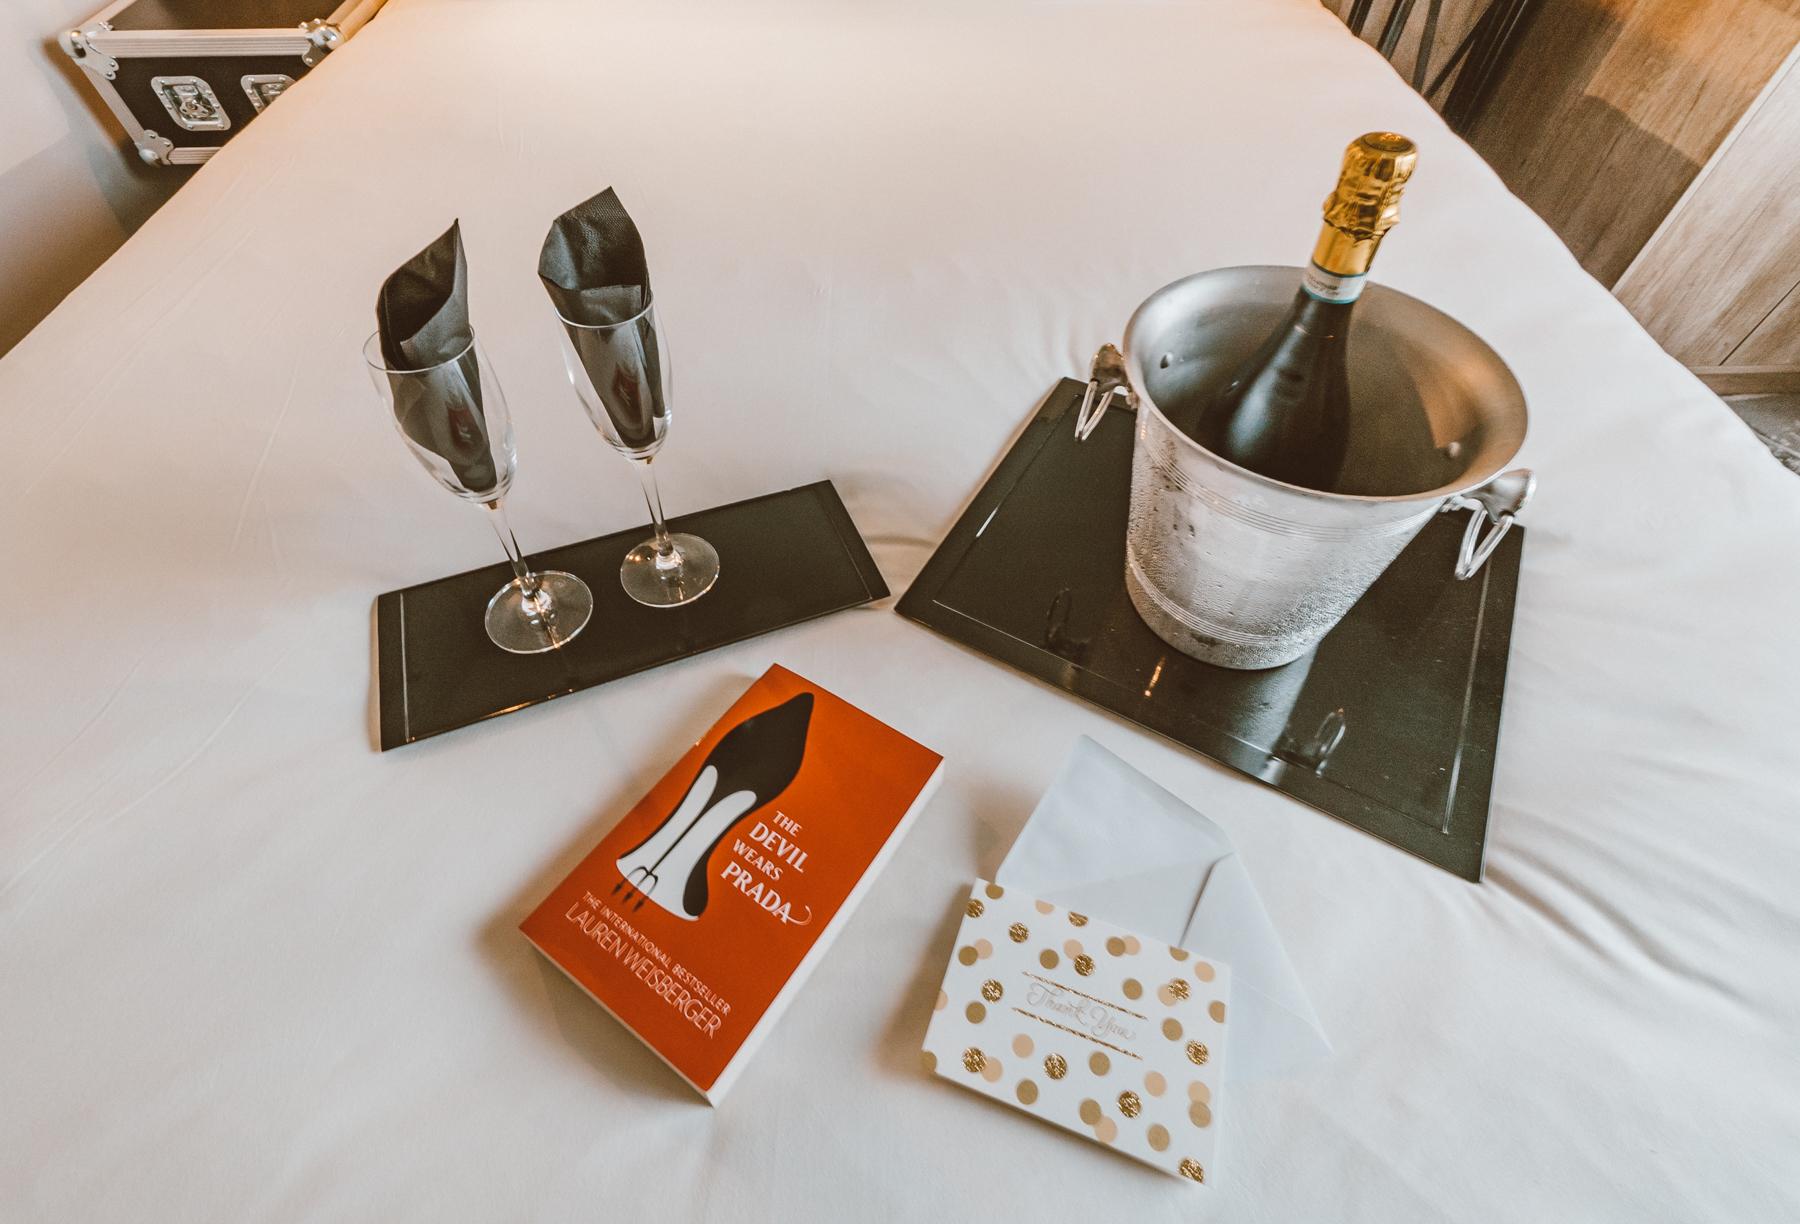 Ibis Styles Ealing Room & Lobby Review (4 of 14).jpg